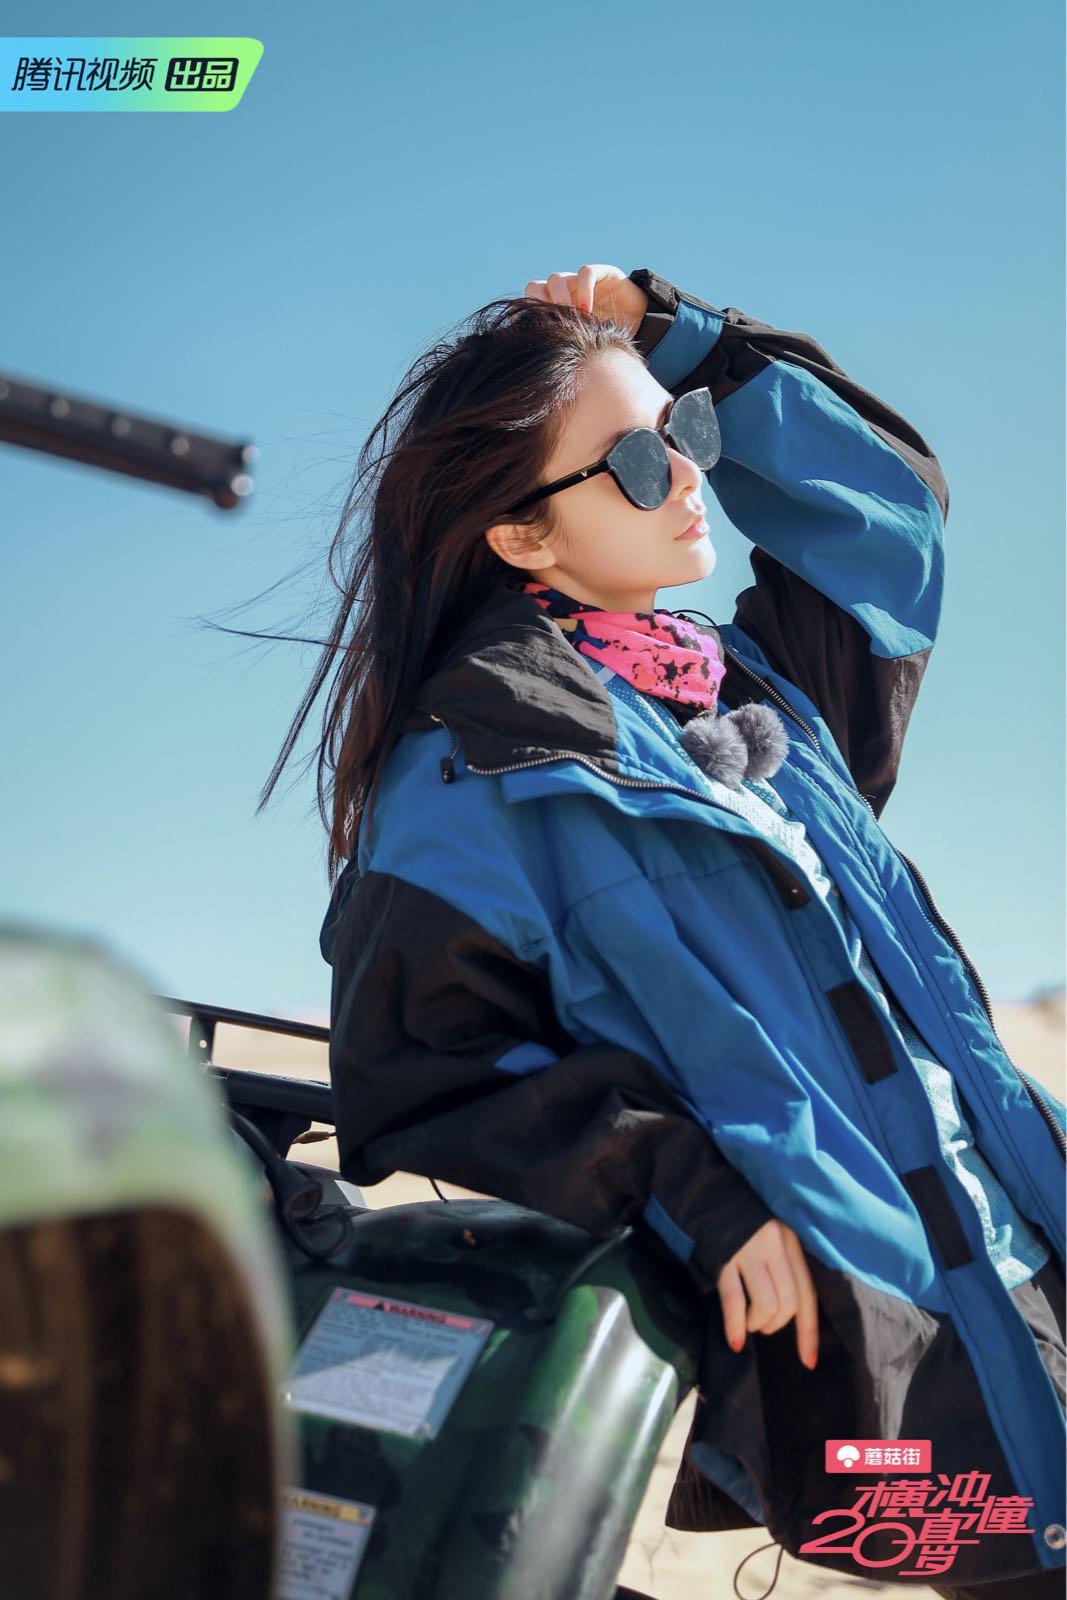 我,傅菁,从今天开始会在蘑菇街跟大家分享穿搭心得哦,怎么穿腿长1米8,怎么穿显瘦又时髦,都会通通教给大家!记得多多关注我,给我评论点赞哦~  今天就来跟大家分享一下我的沙漠look吧,蓝色冲锋衣搭配超黑墨镜,我就是你的机车女孩~#今天开启旅行博主模式#